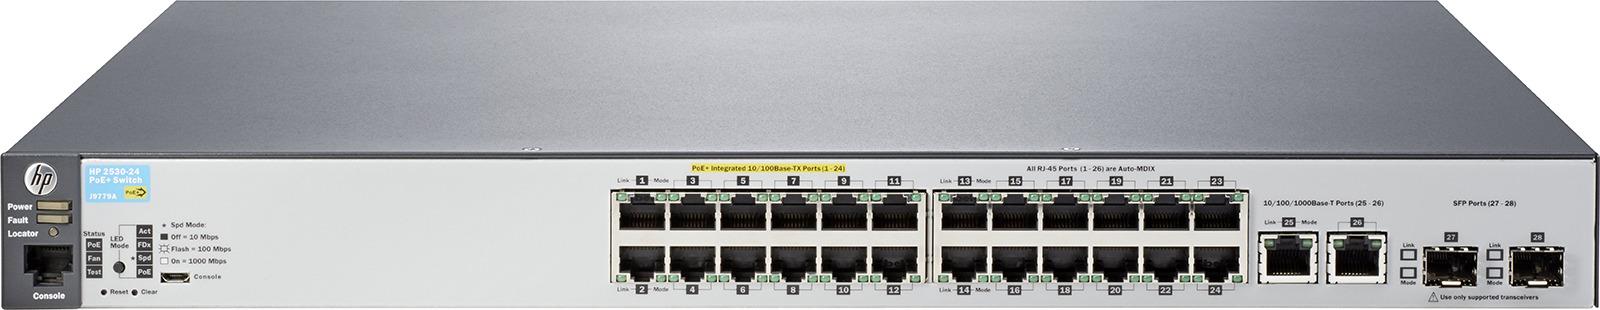 Коммутатор HPE 2530, управляемый, J9779A цены